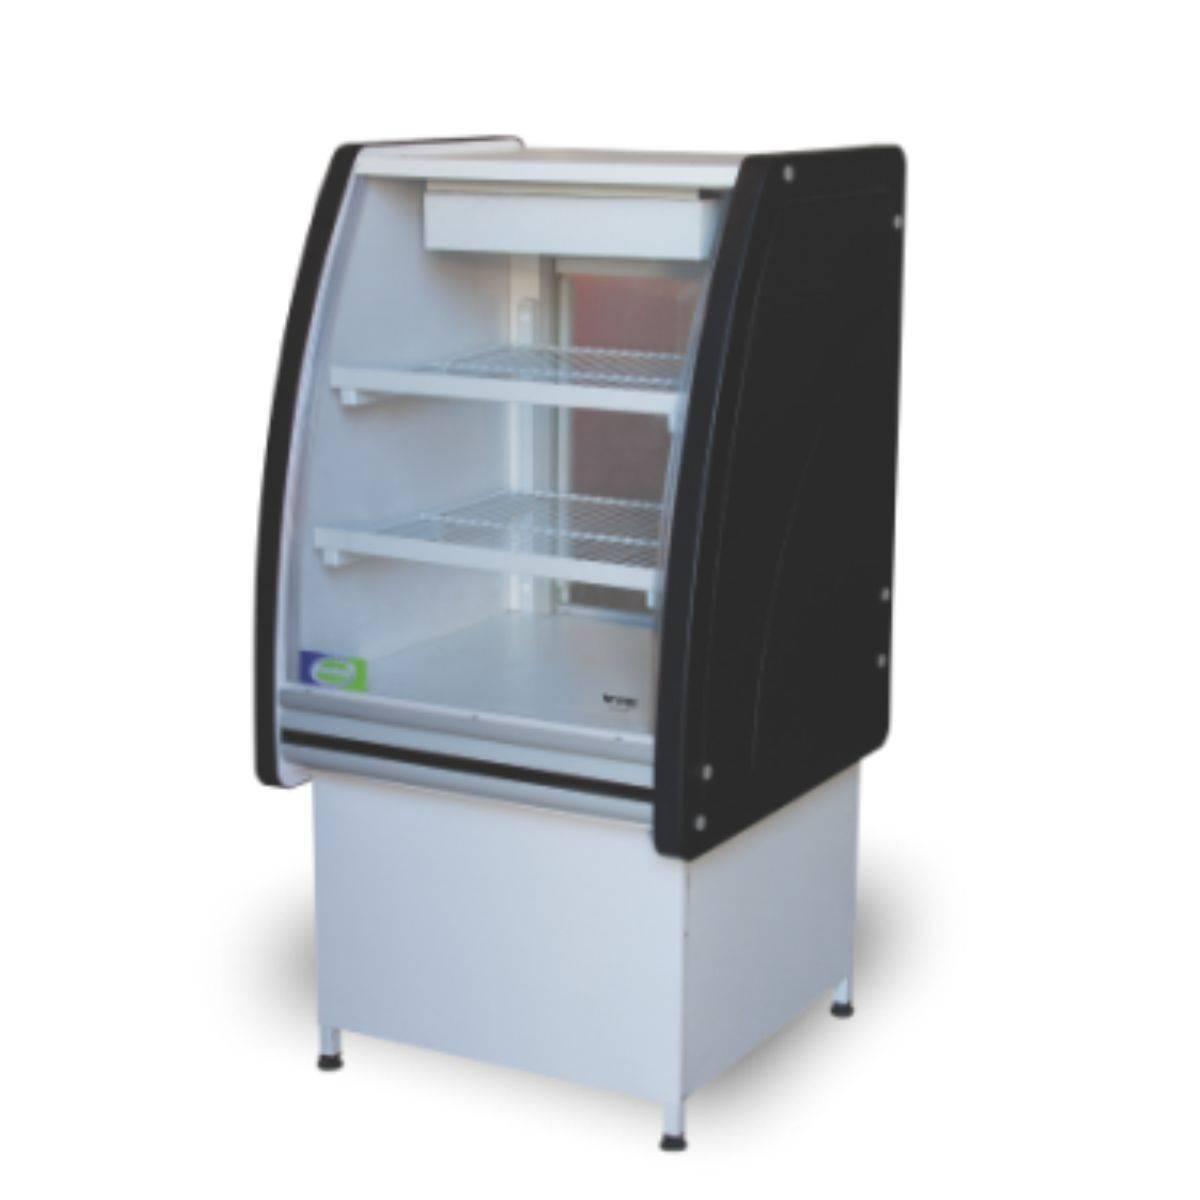 Balcão Caixa 0,60m Premium Refrigel - Magazine do Chef